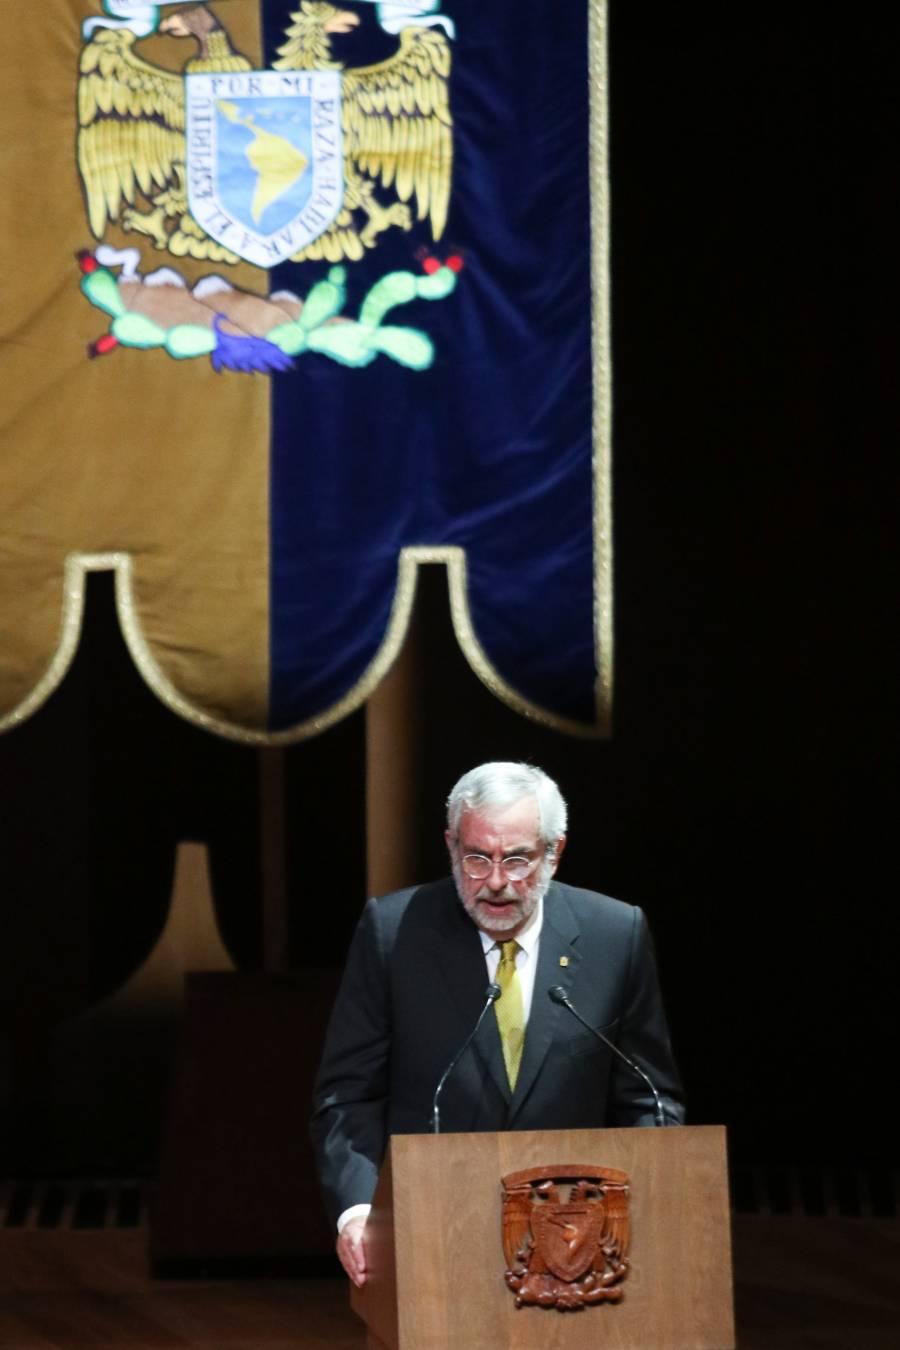 Enrique Graue nuevo rector de la UNAM del periodo 2019-2023